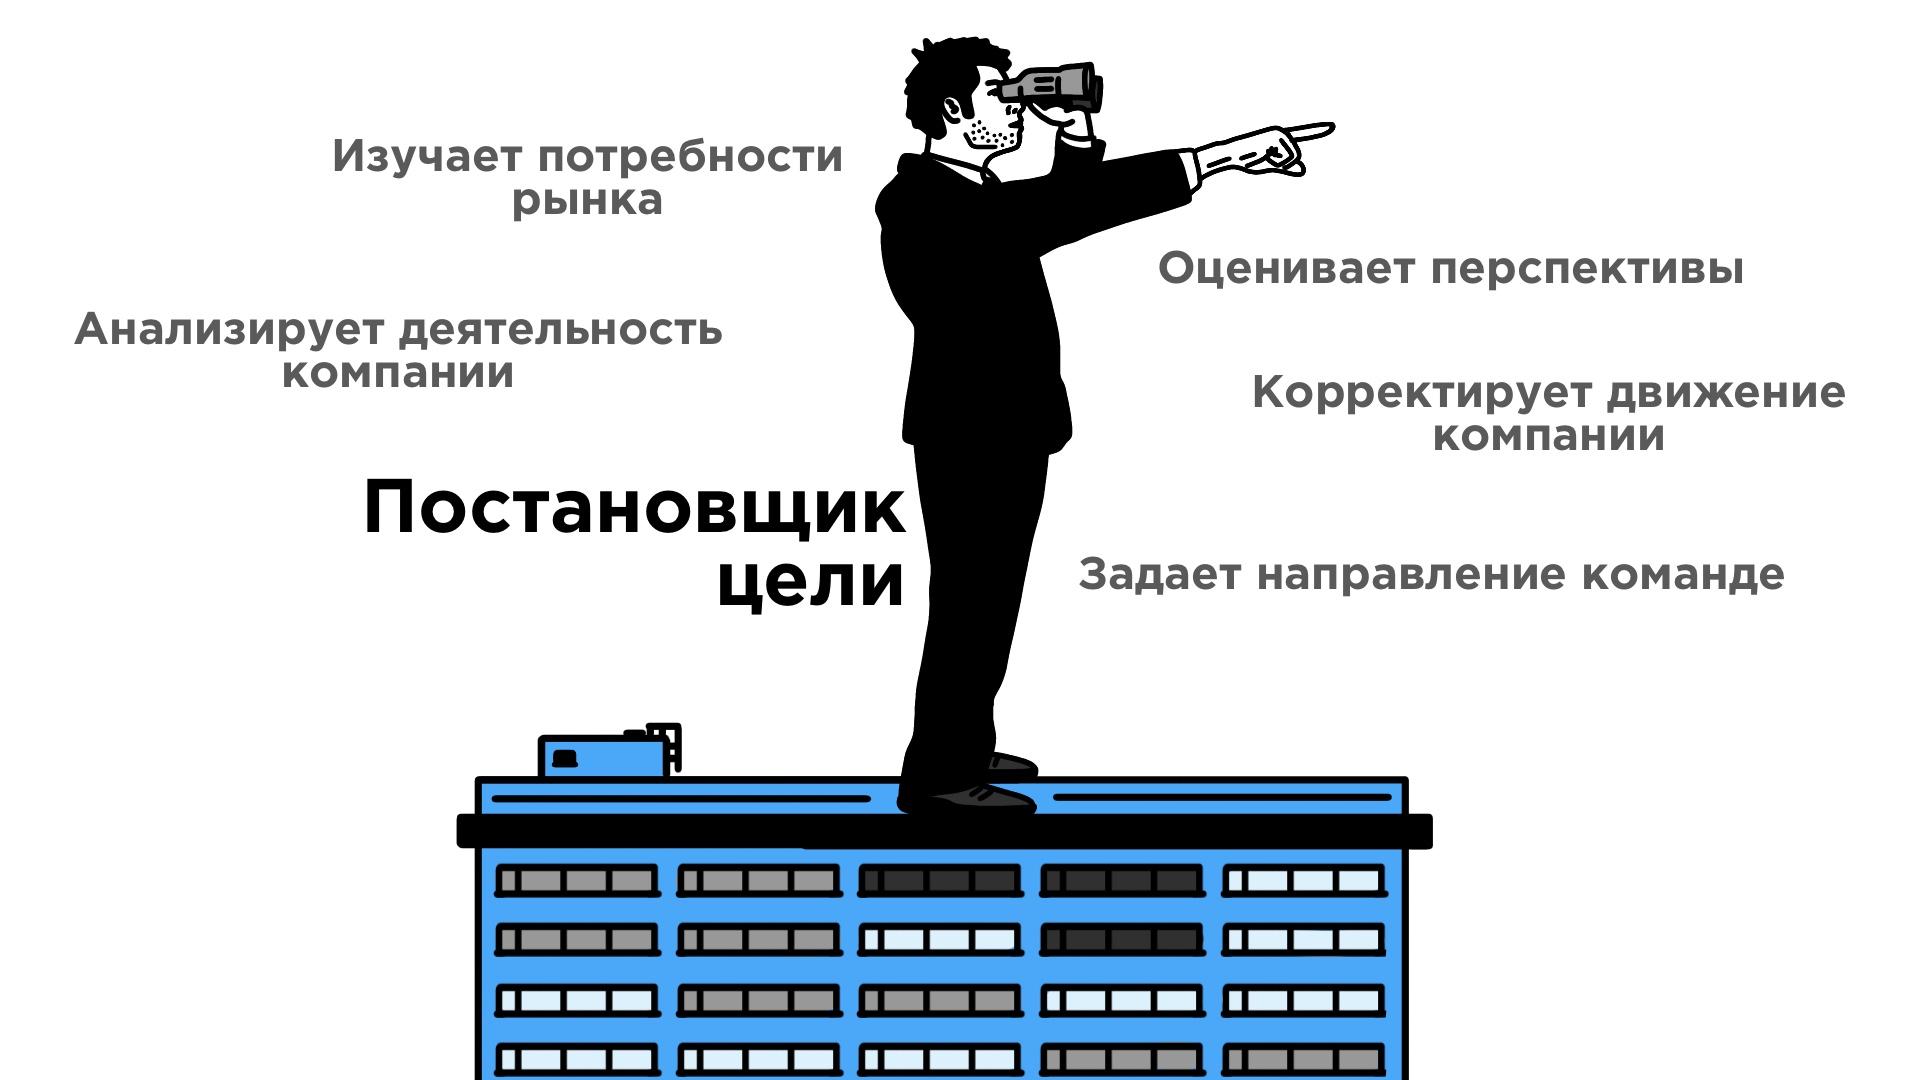 Shlop1.jpg